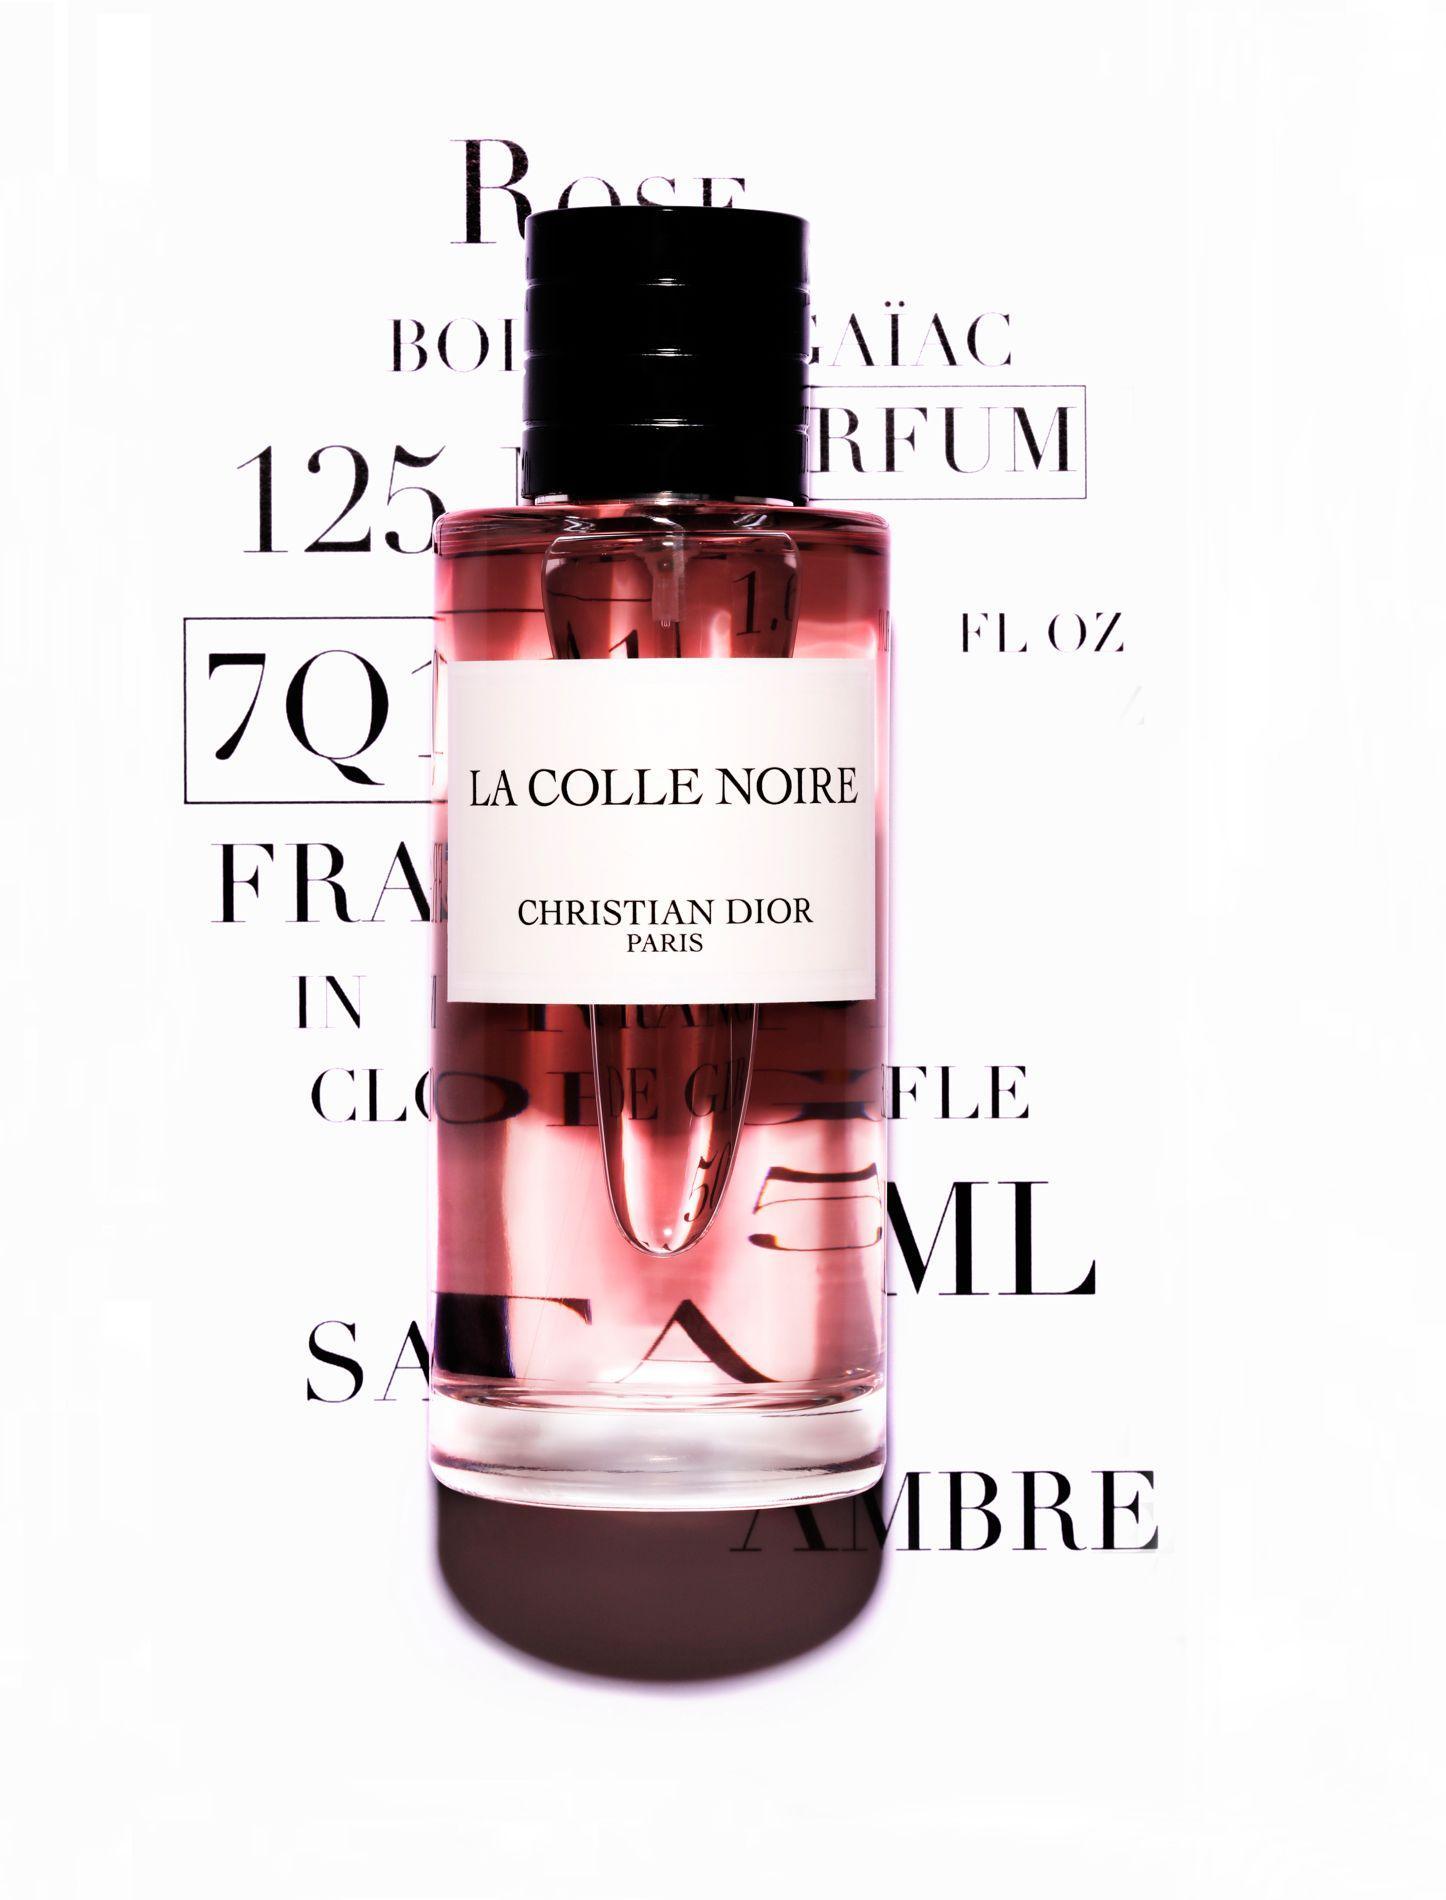 Ce Que Le Nom Dun Parfum Dit De Lui Madame Figaro